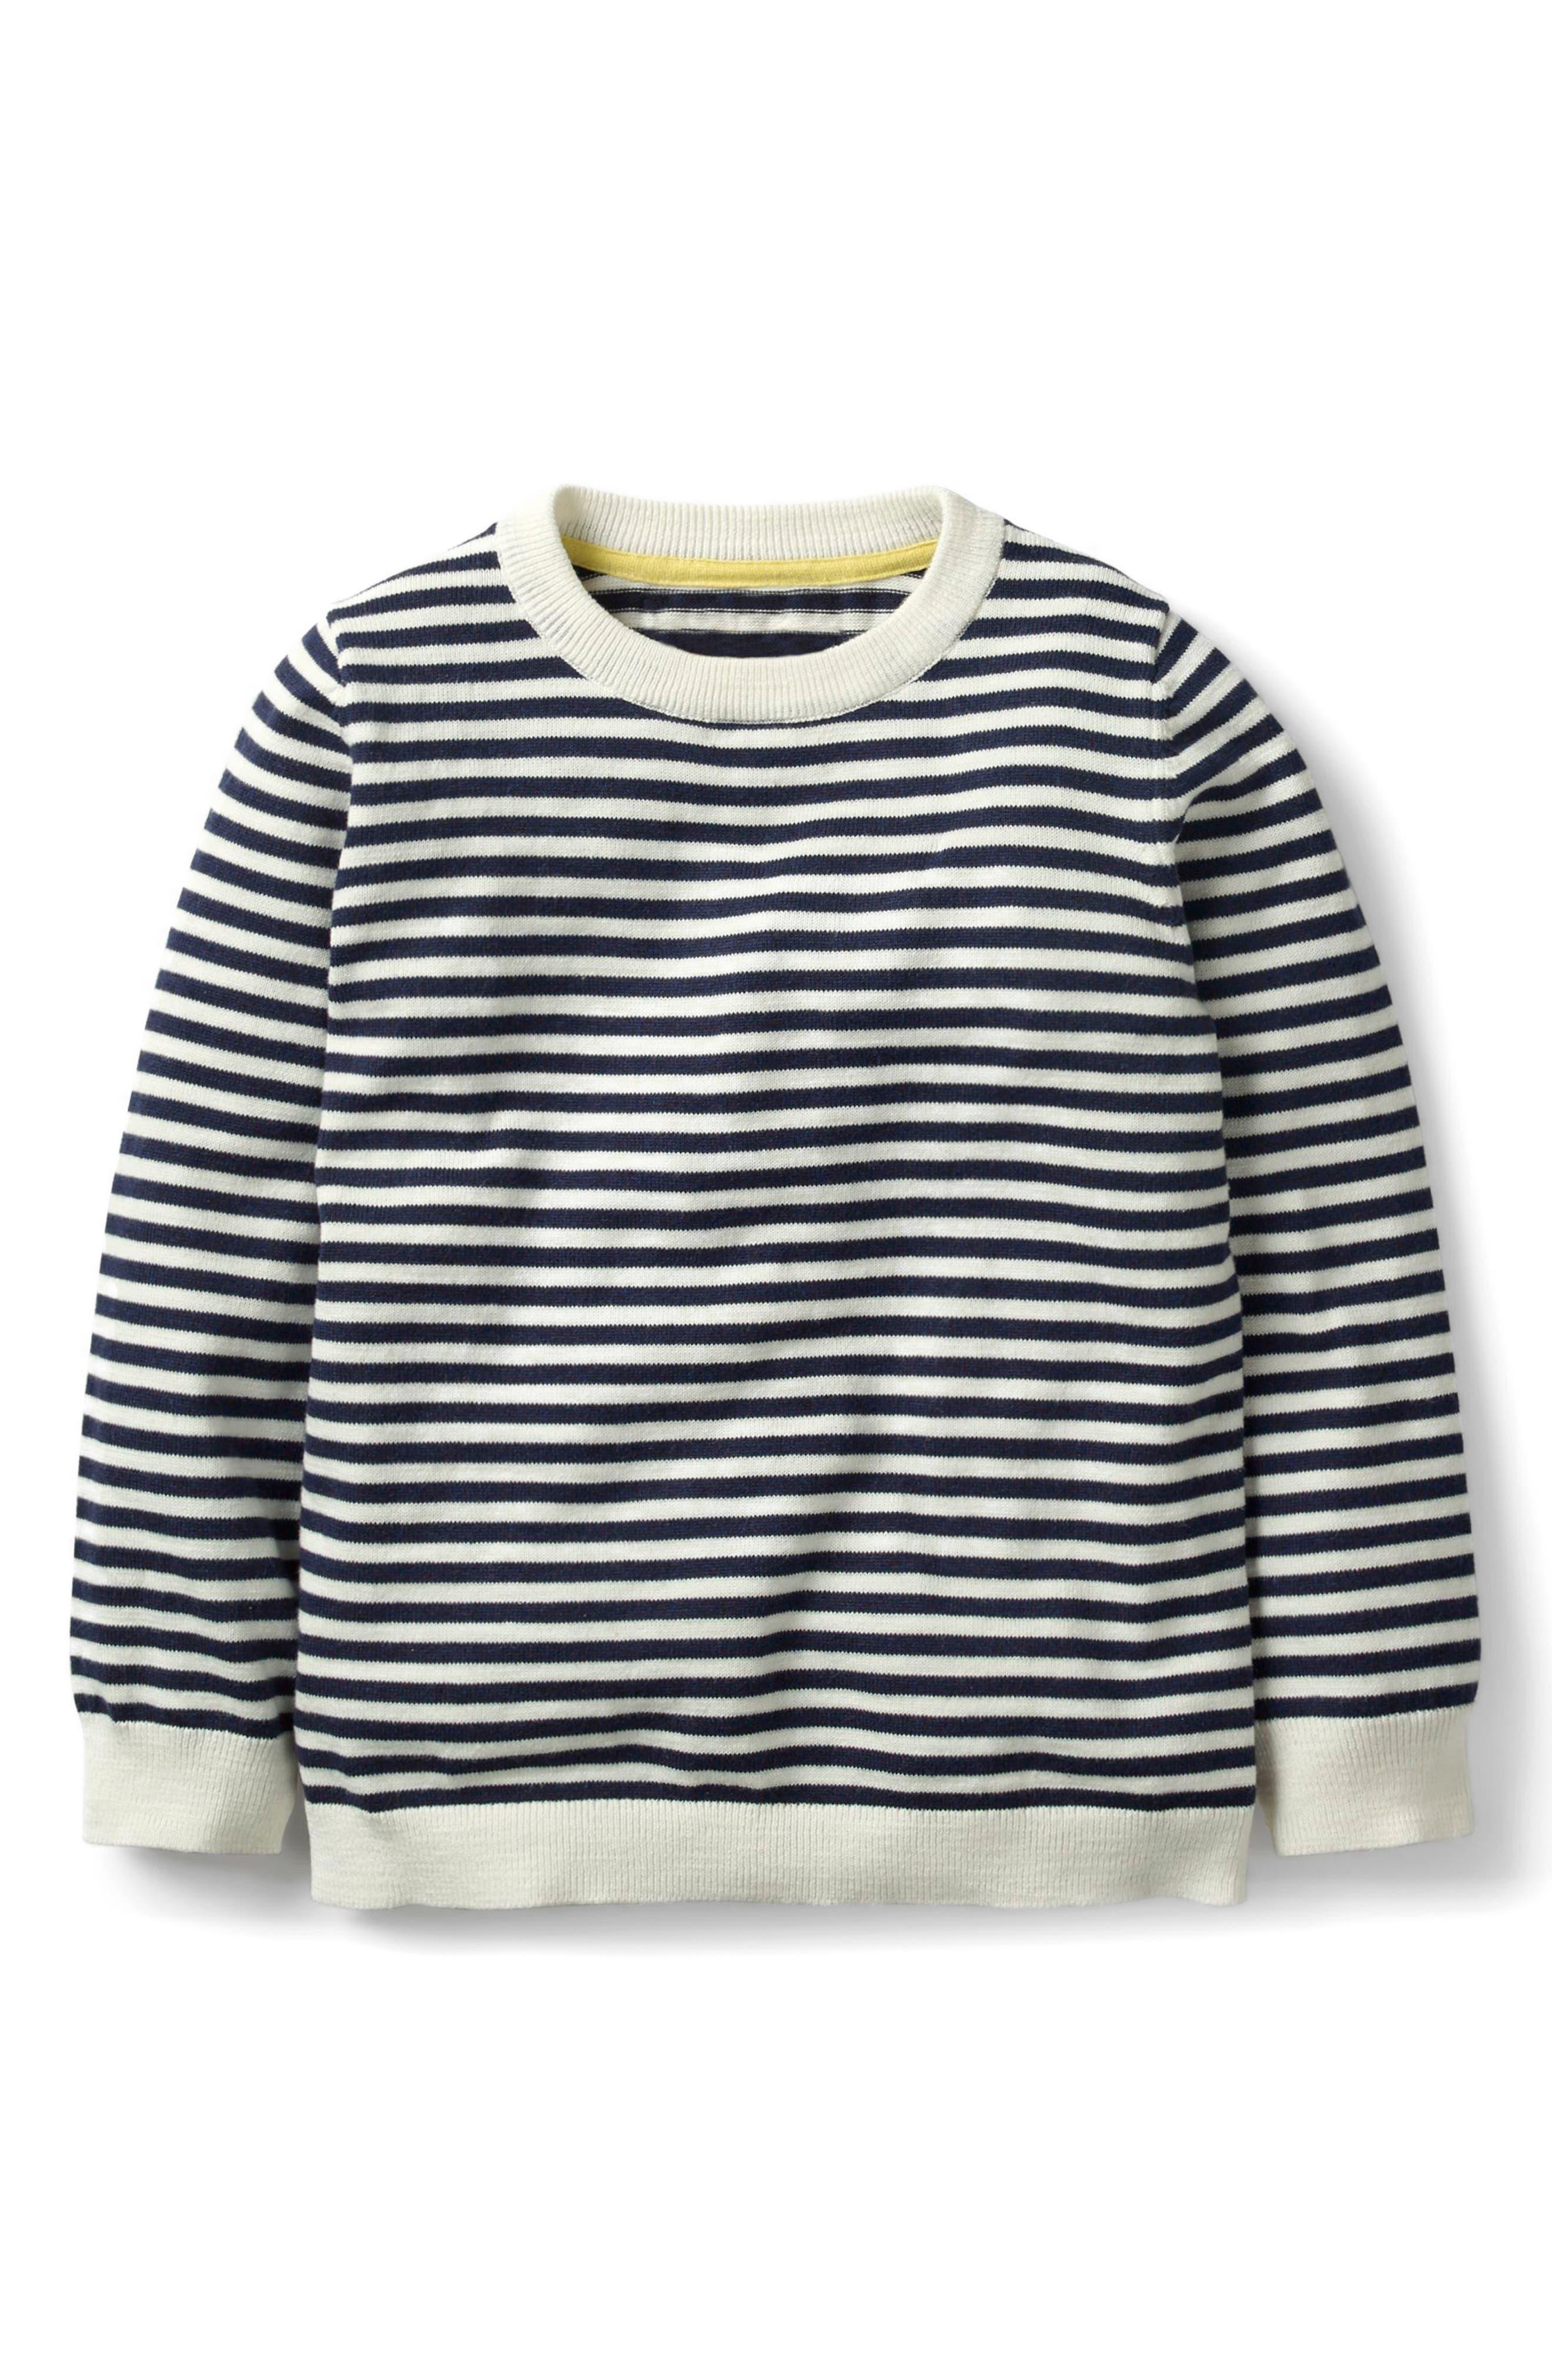 Cotton & Cashmere Sweater,                             Main thumbnail 1, color,                             414